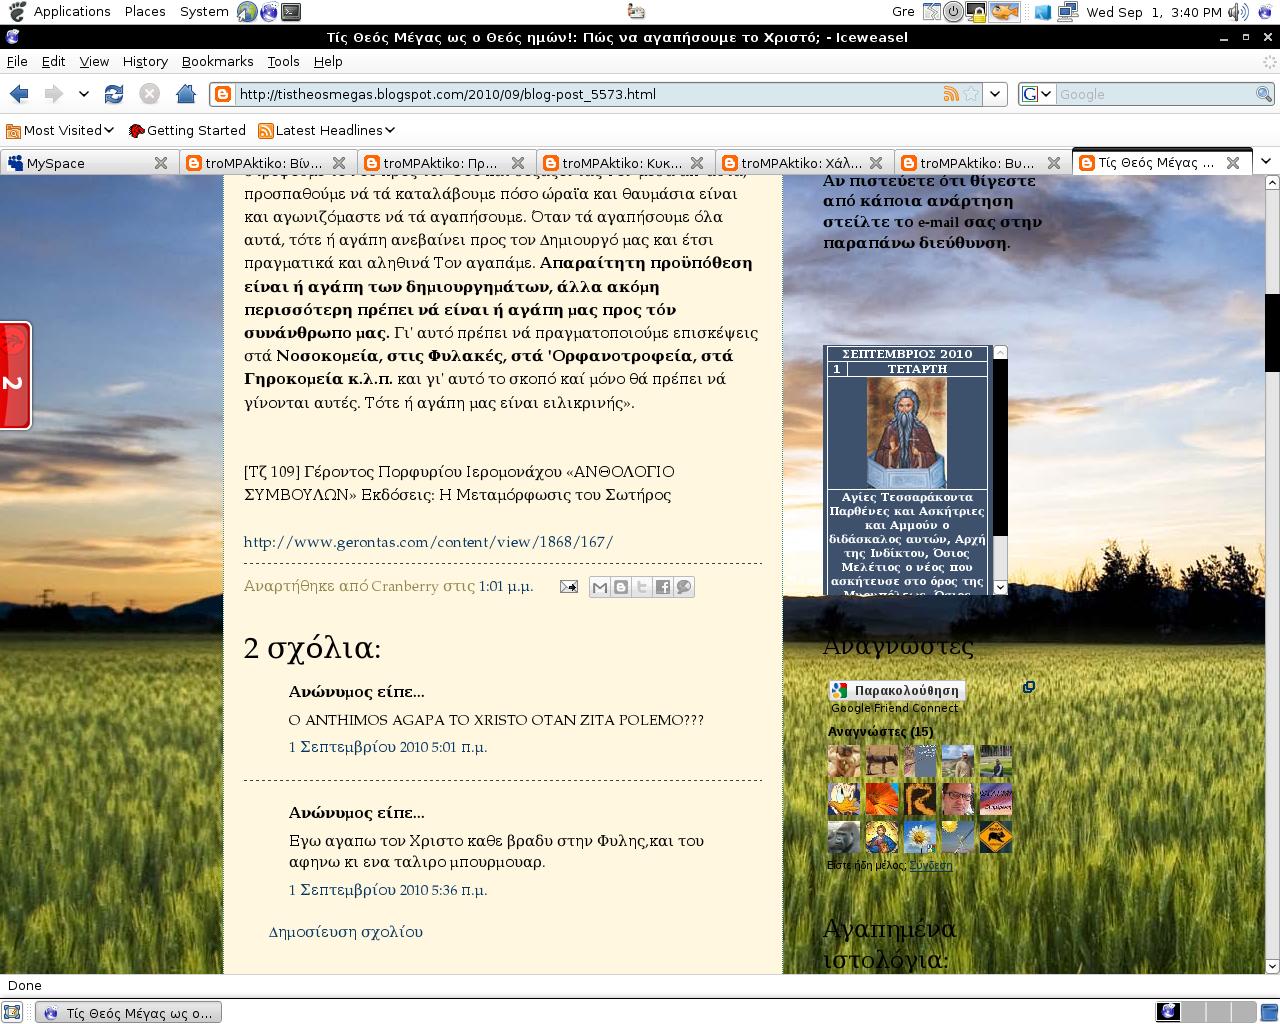 νεα ζηλανδια Video Pinterest: Troll Of Indymedia: Σεπτεμβρίου 2010